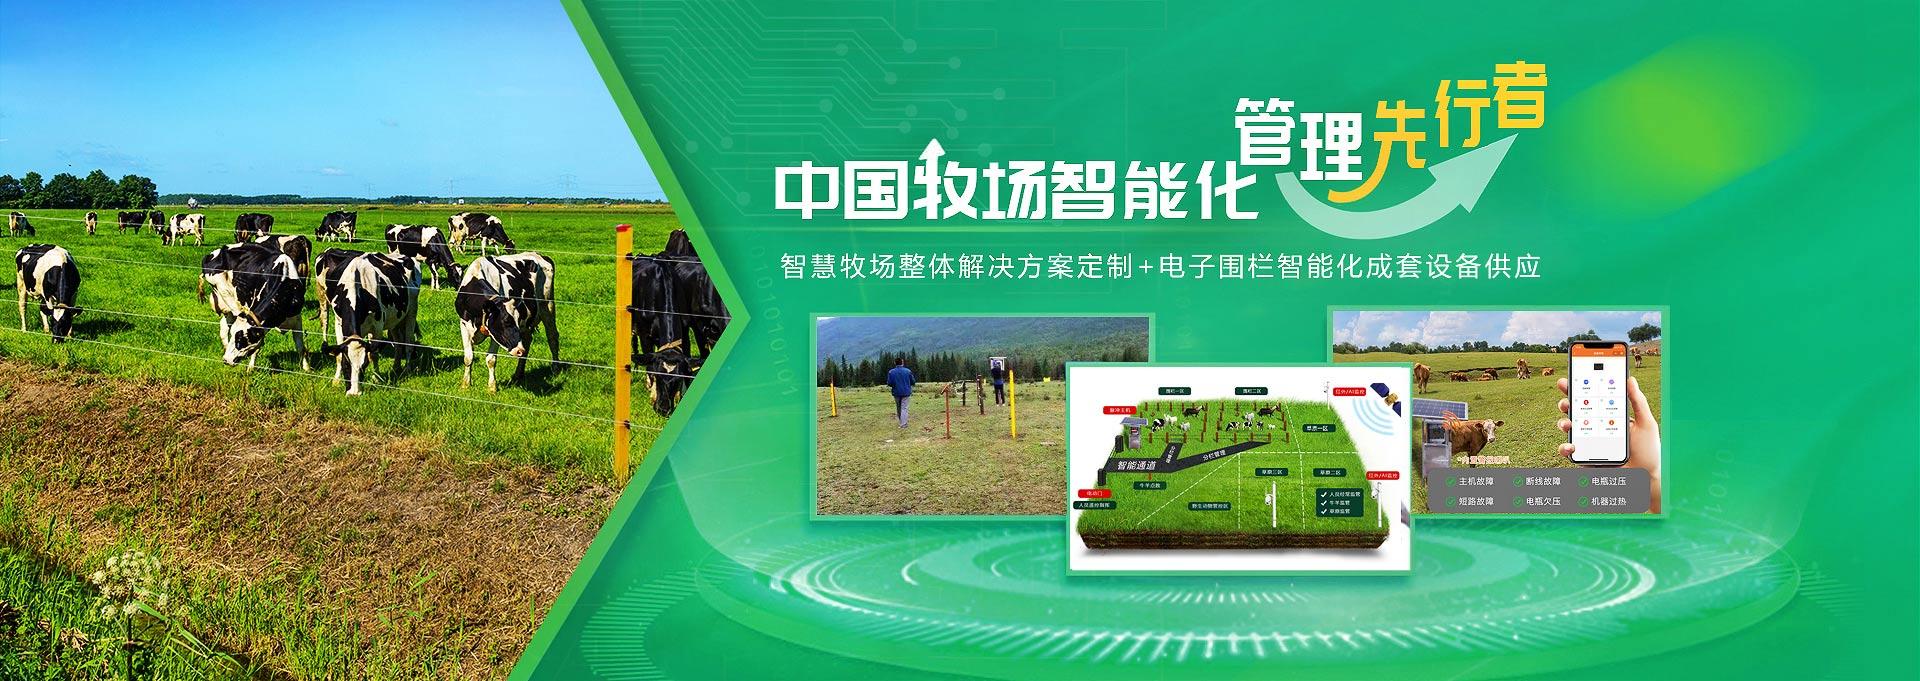 小牛看家-中国牧场智能化管理先行者